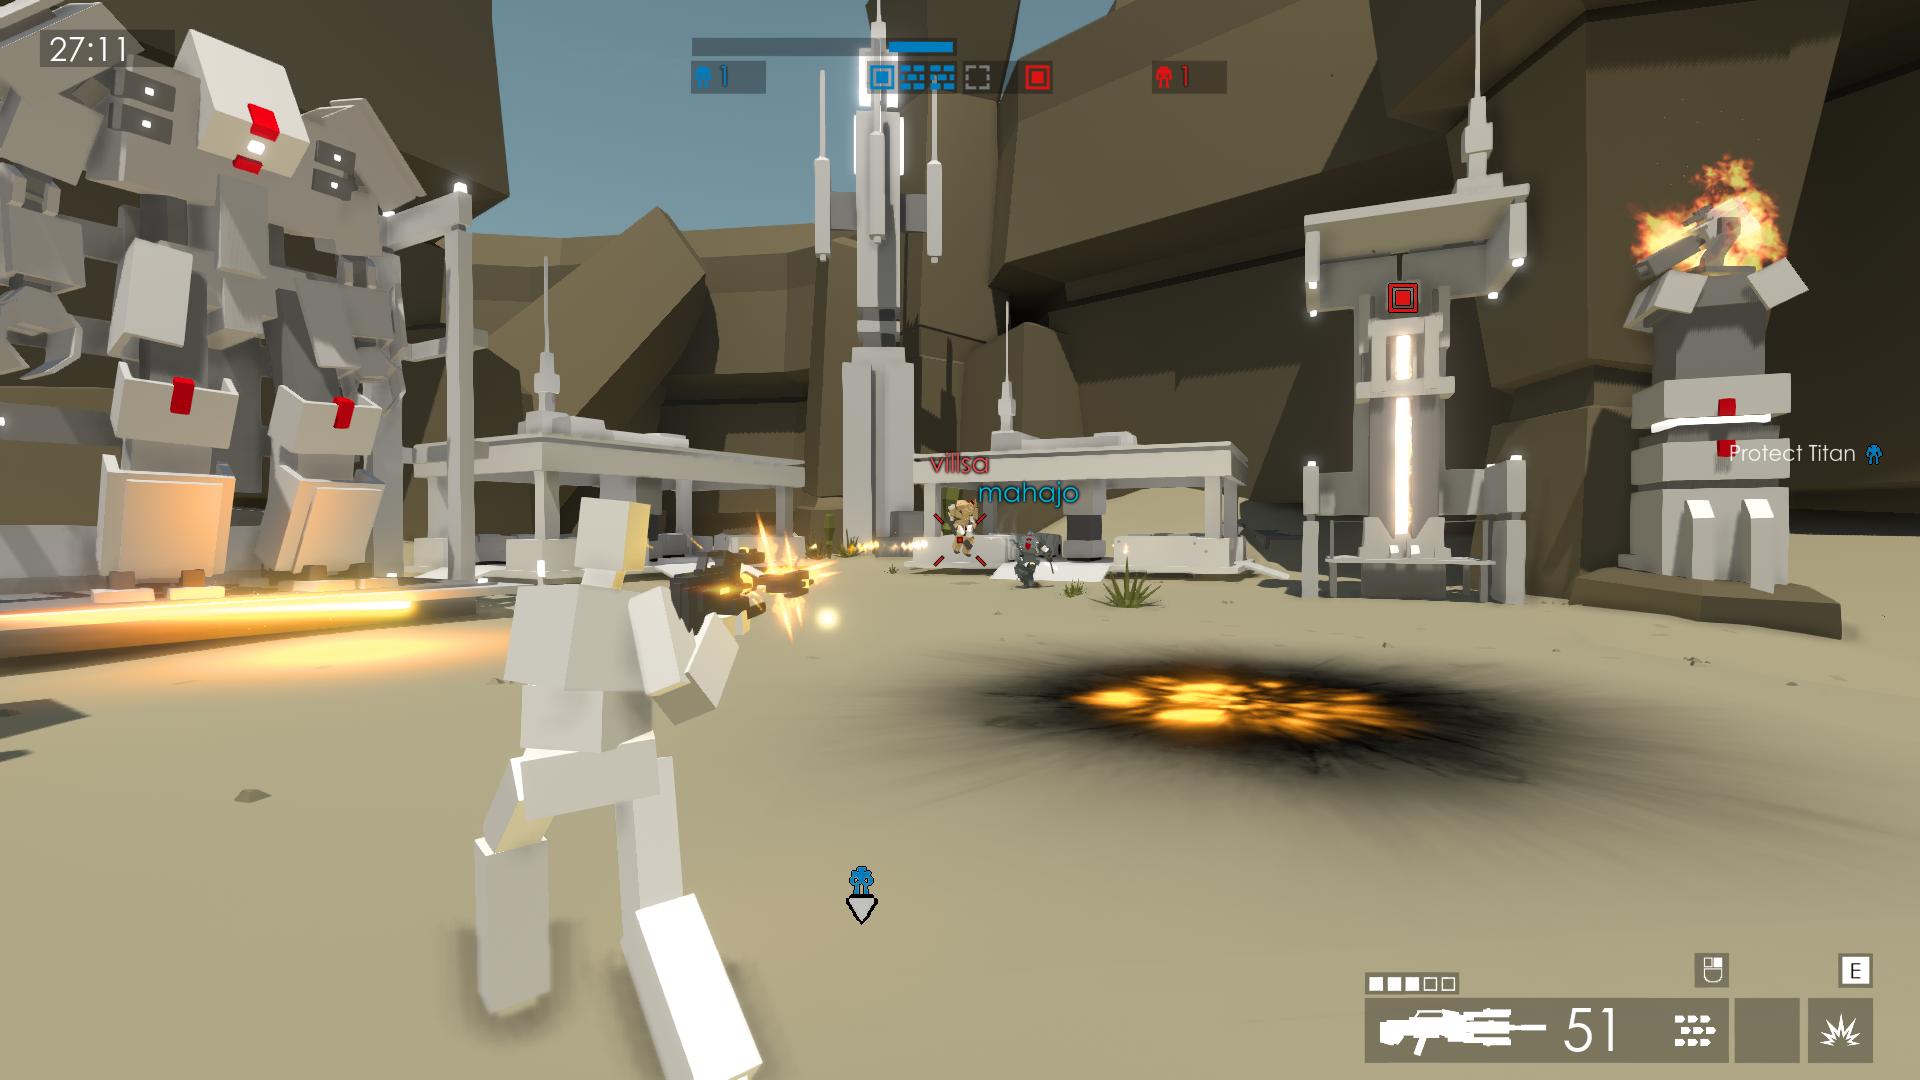 TimeGate Studios chystá střílečku Minimum v kostičkovém světě 79478